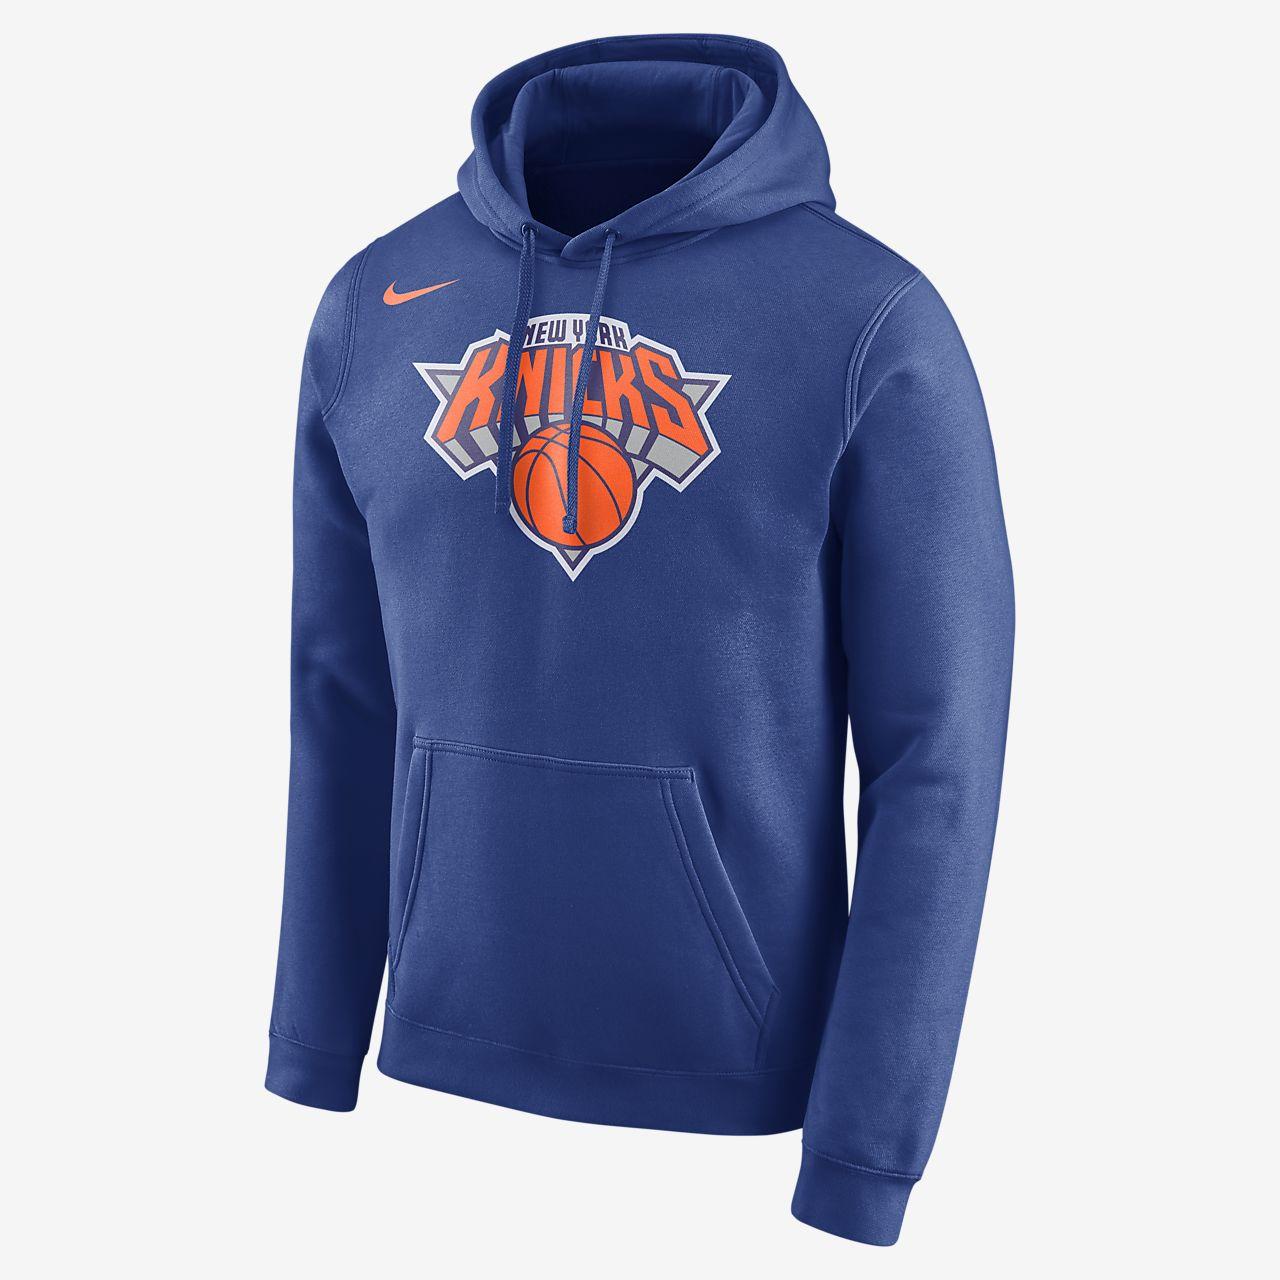 Nouvelles Chaussures Knicks York Pour Les Hommes zqNlaMwXZ